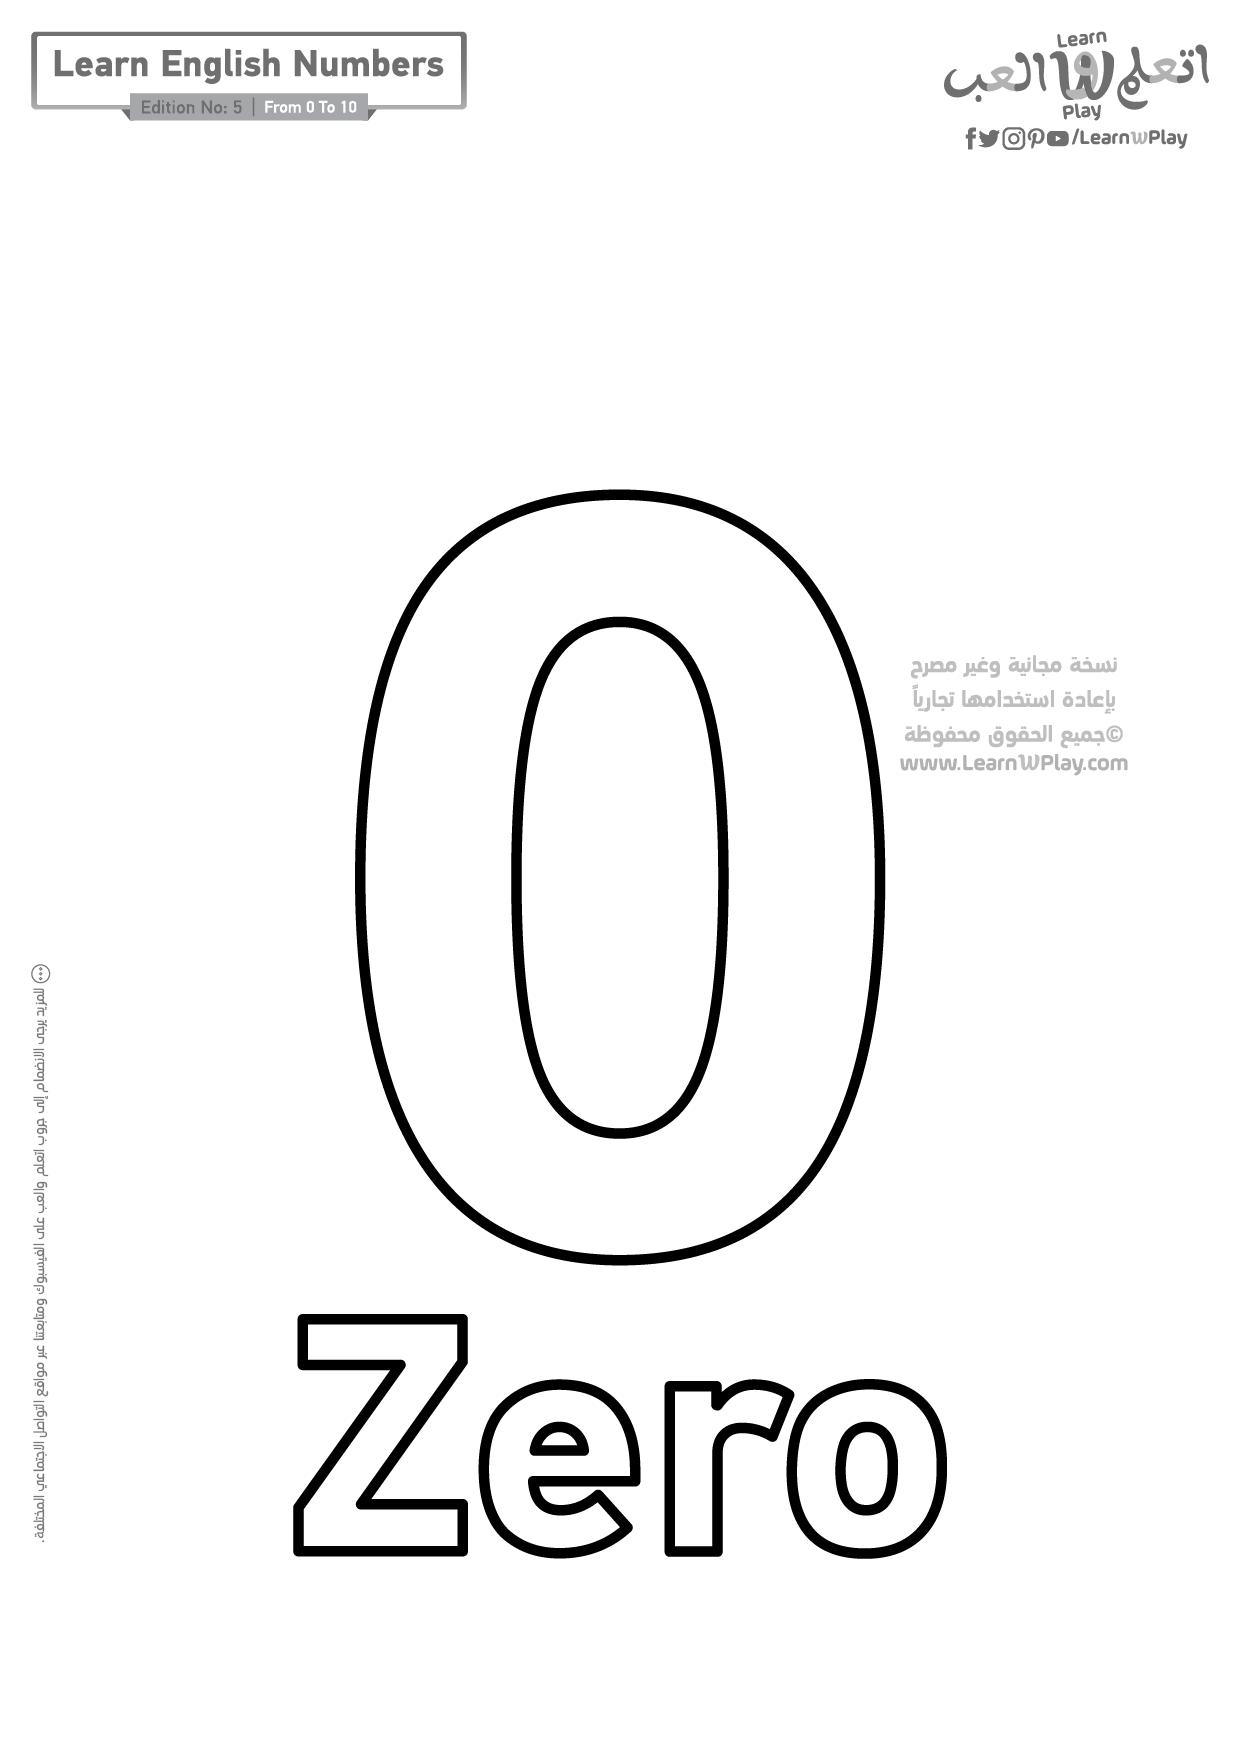 أوراق عمل جاهزة للطباعة لتعليم الأطفال الأرقام الإنجليزية